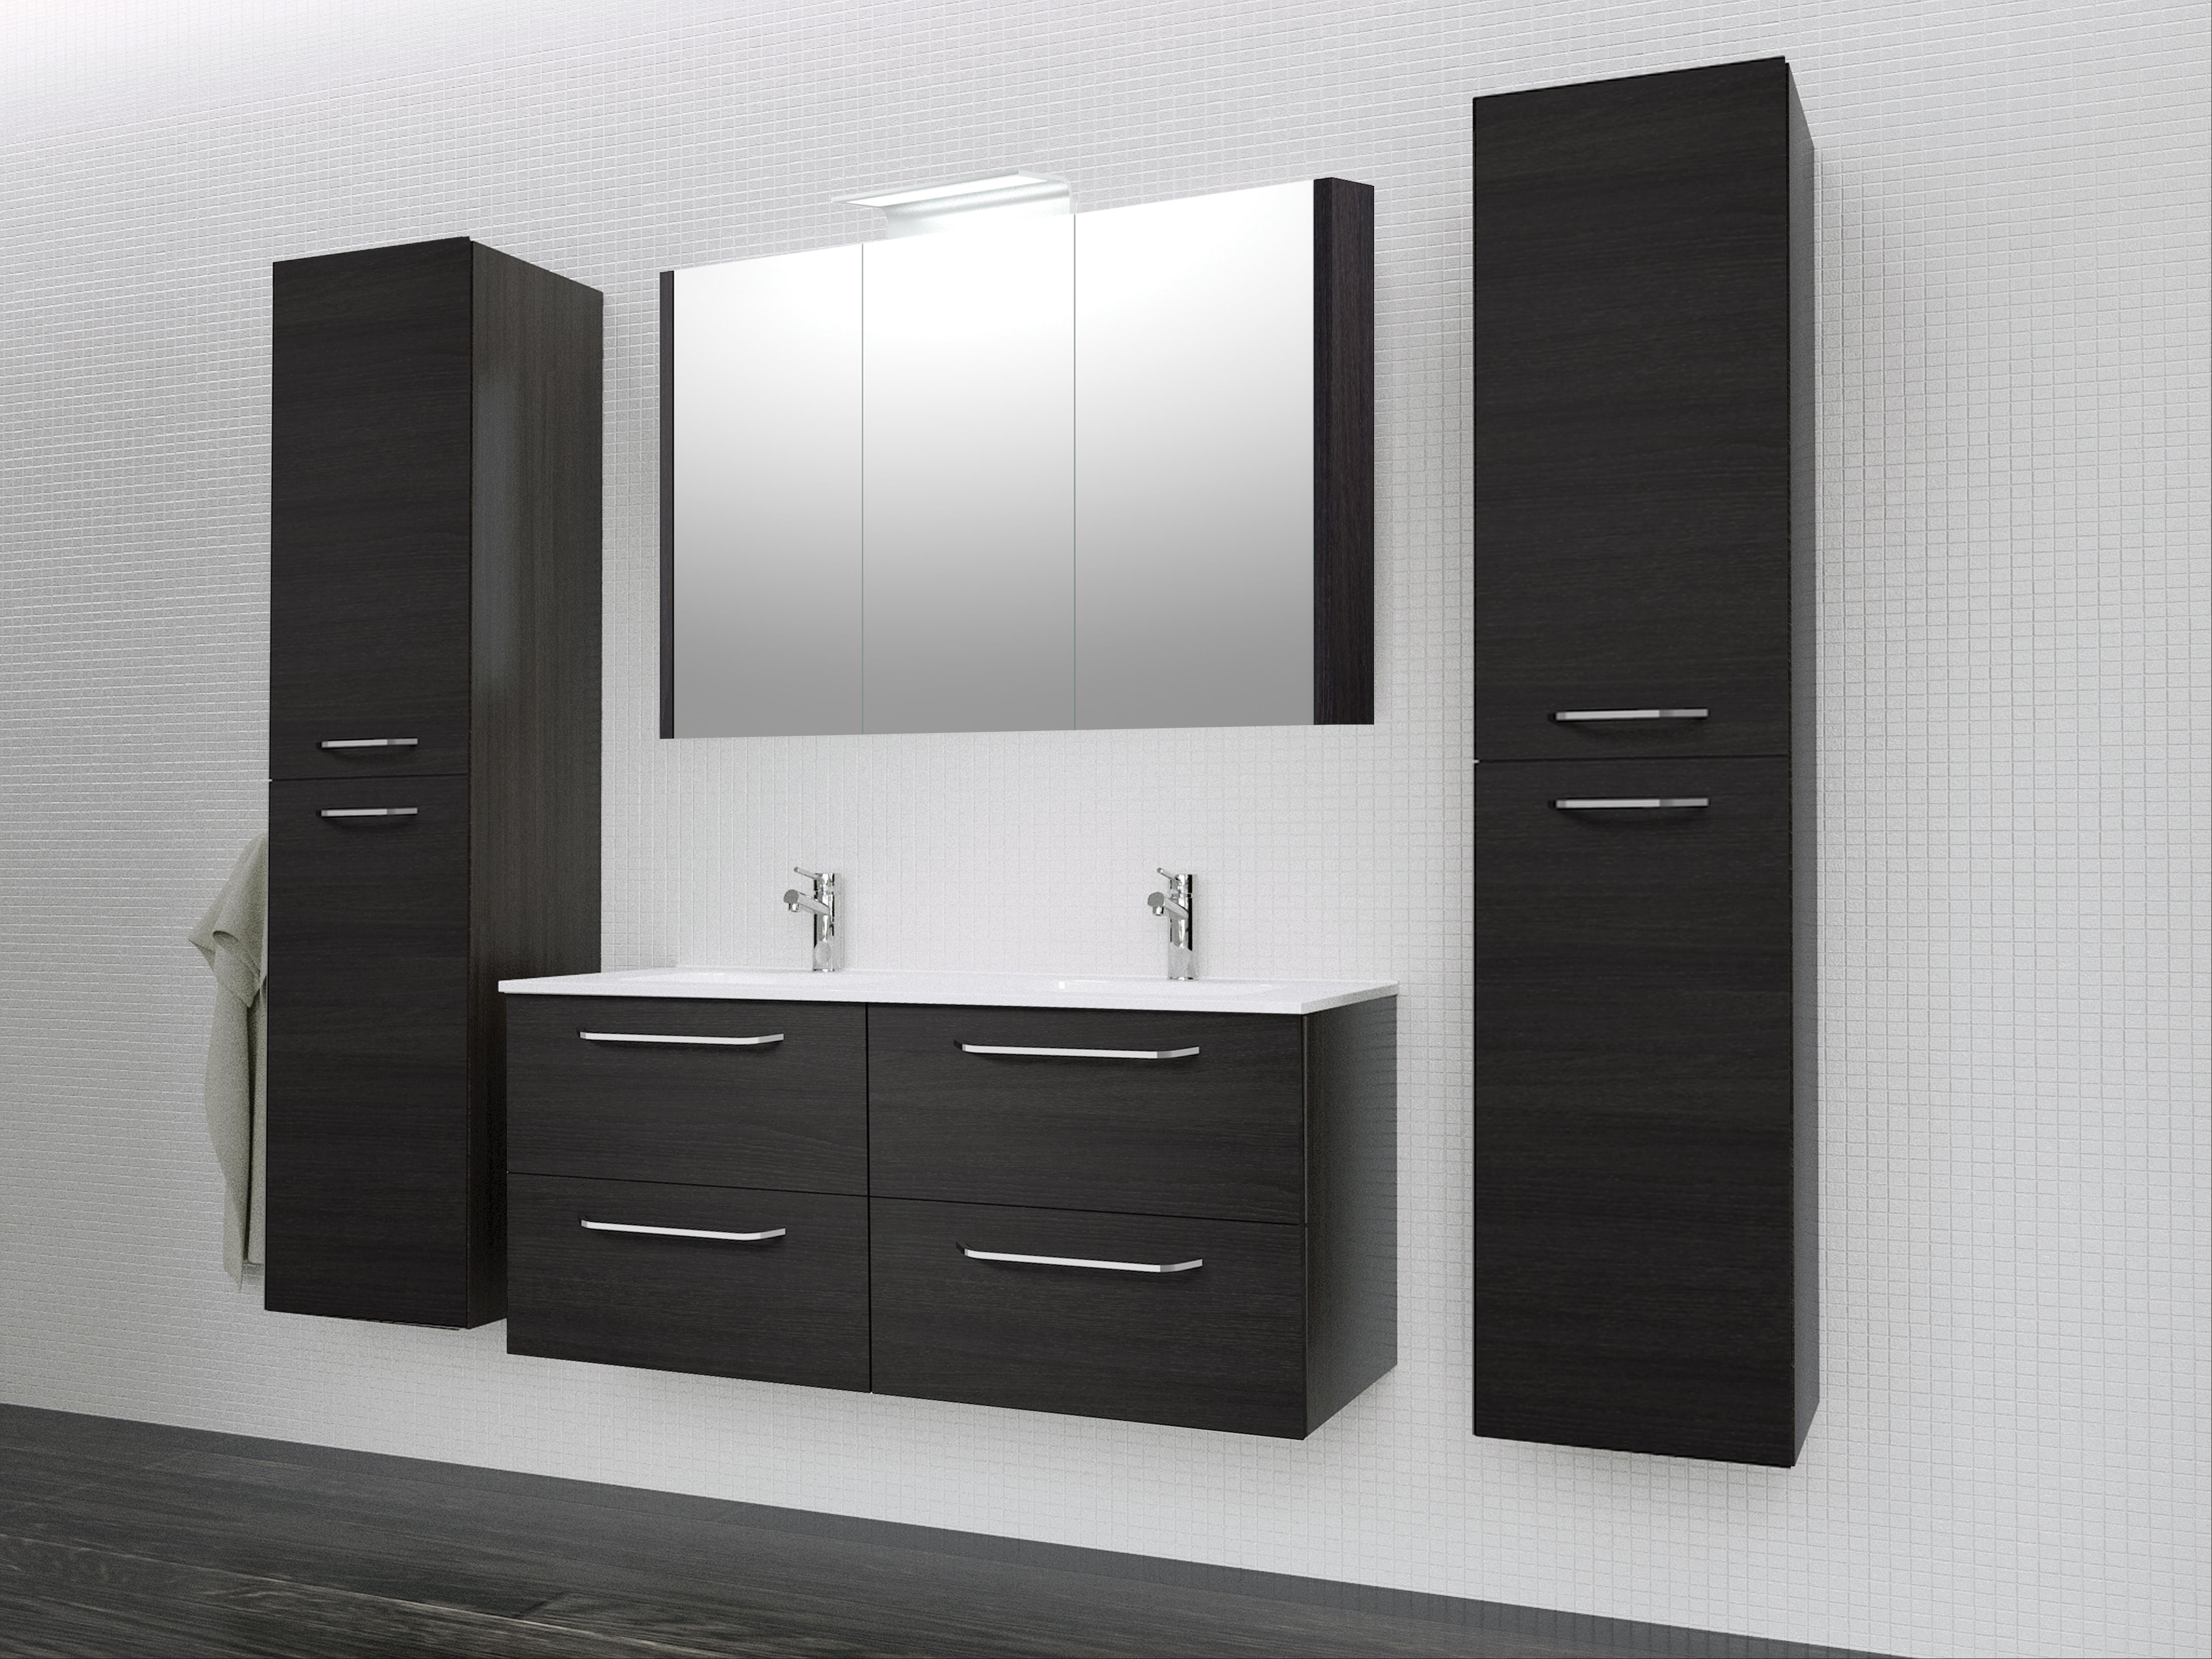 Bad Waschtischunterschrank mit Keramik-Doppelwaschtisch Luna 121 Eiche schwarz Bild 4